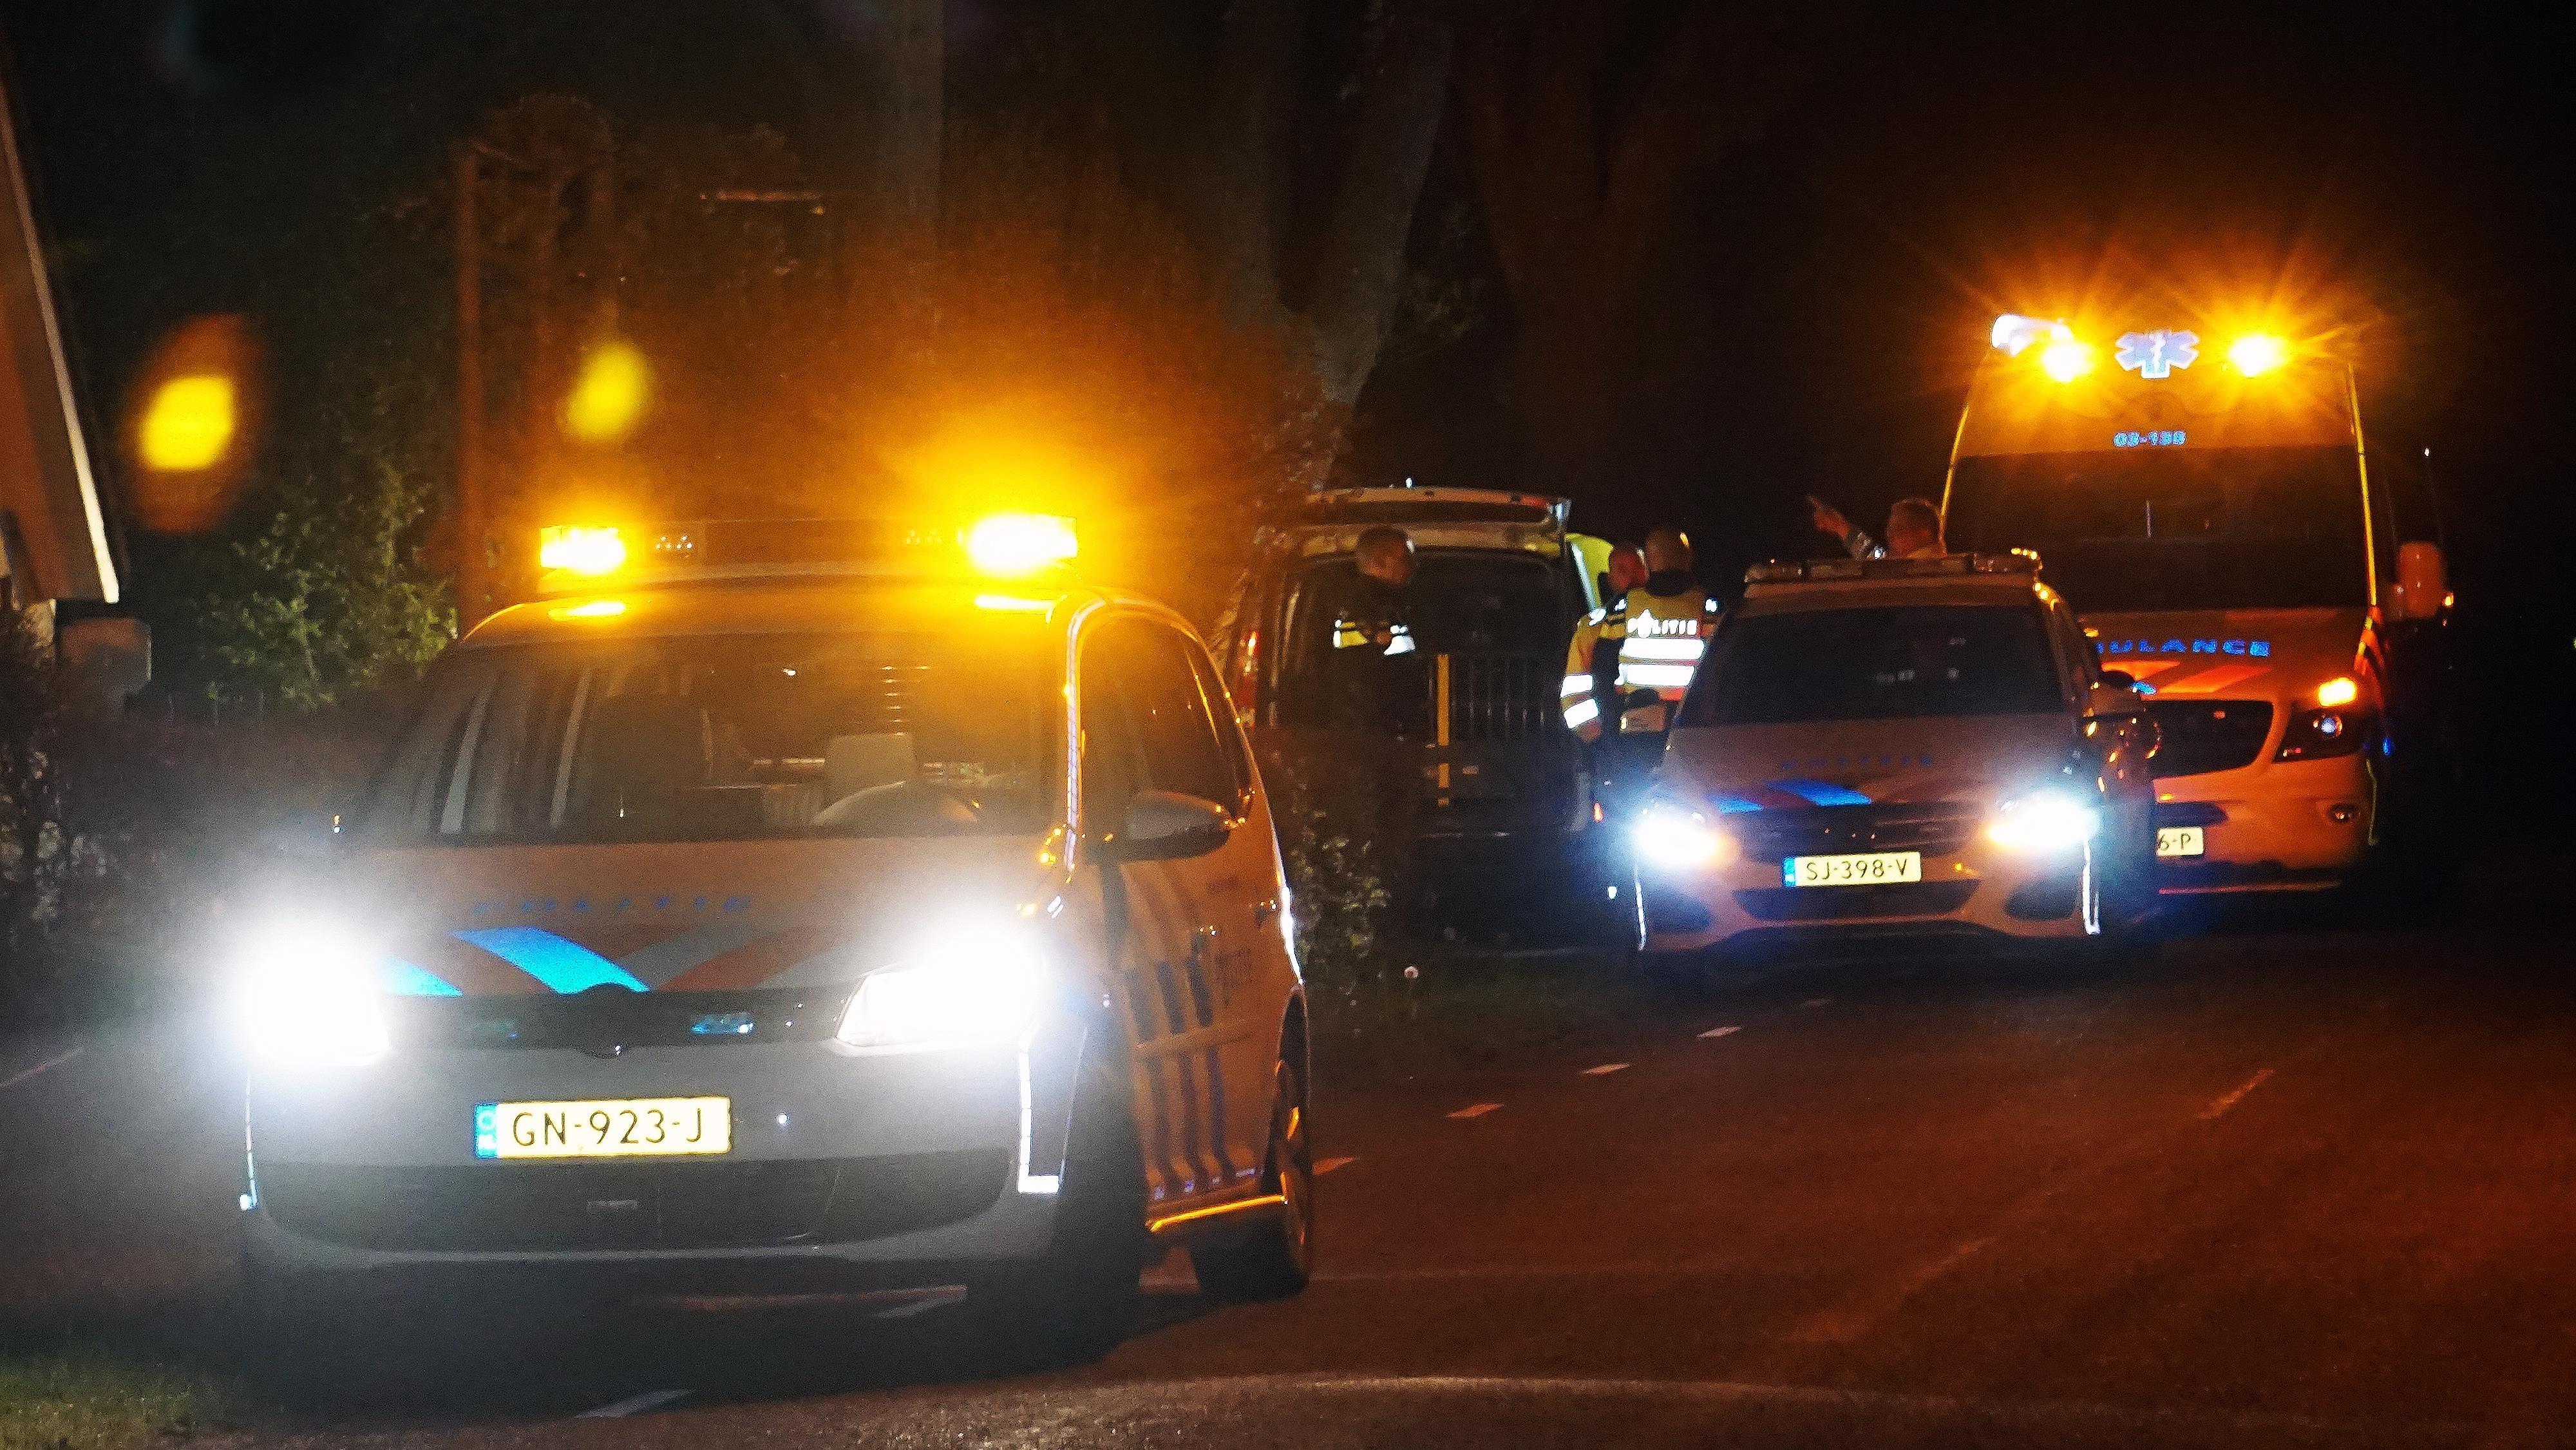 Vrouw gewond bij ongeluk De Krim, bestuurder rijdt door.